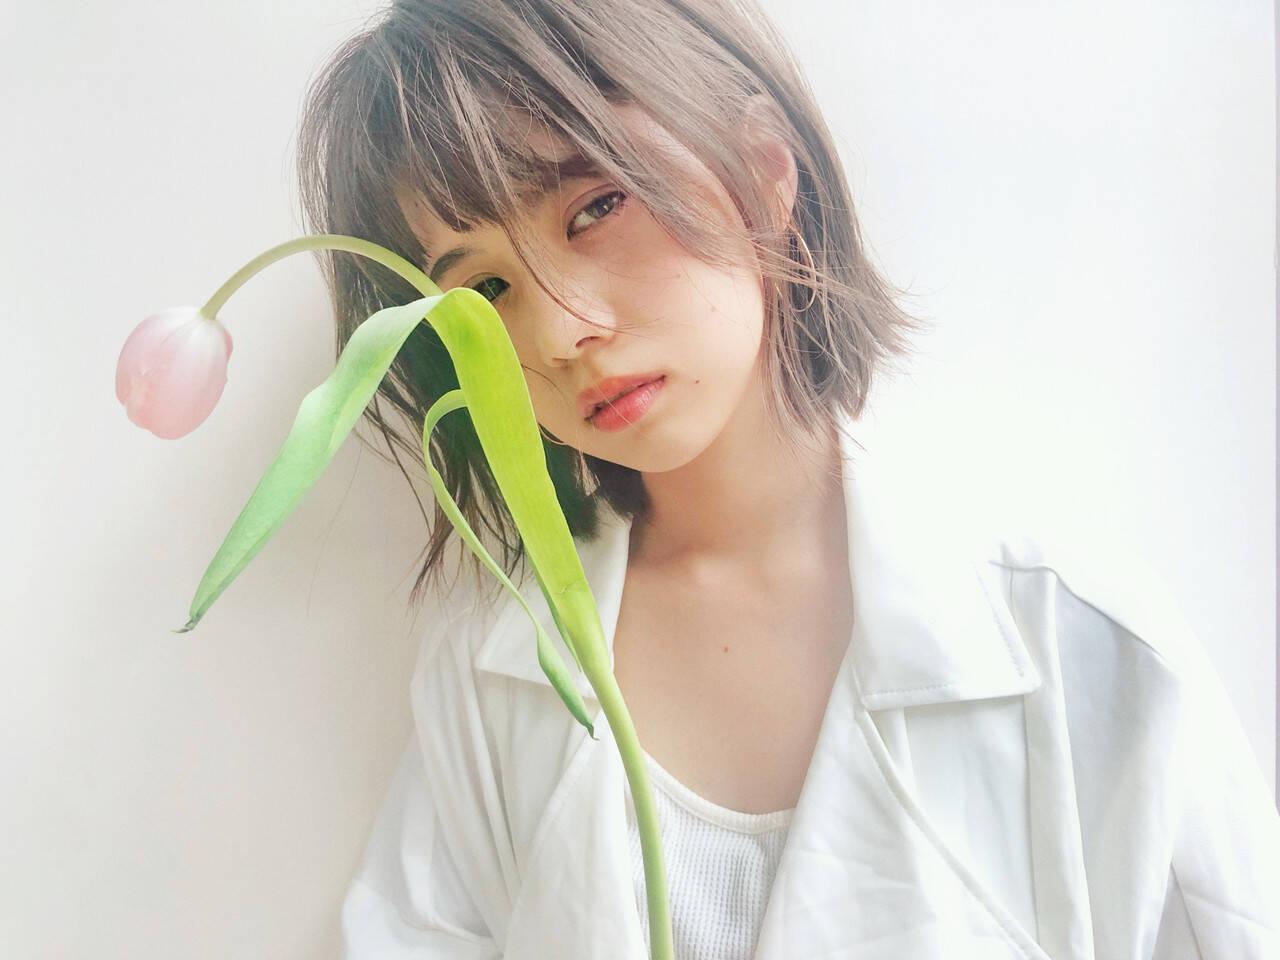 ストレート 簡単ヘアアレンジ 透明感カラー シースルーバングヘアスタイルや髪型の写真・画像